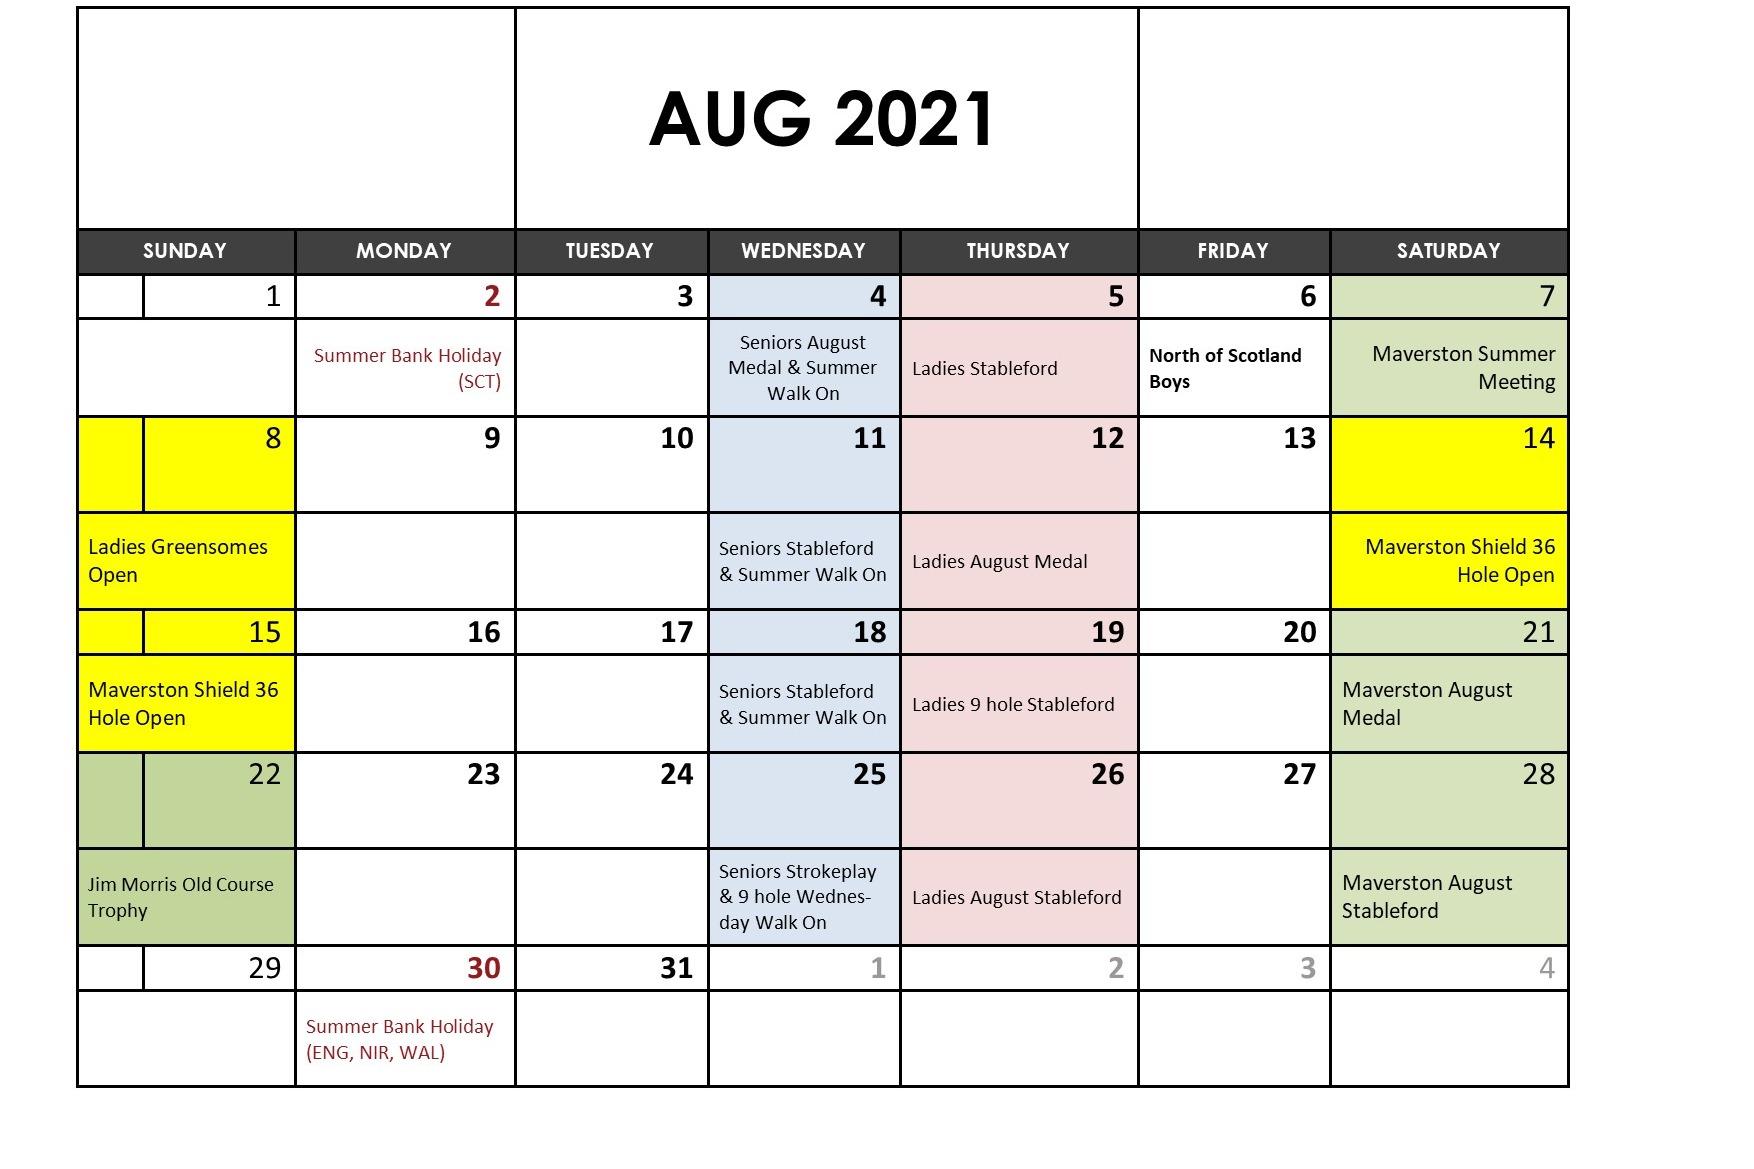 August 2021 Fixtures